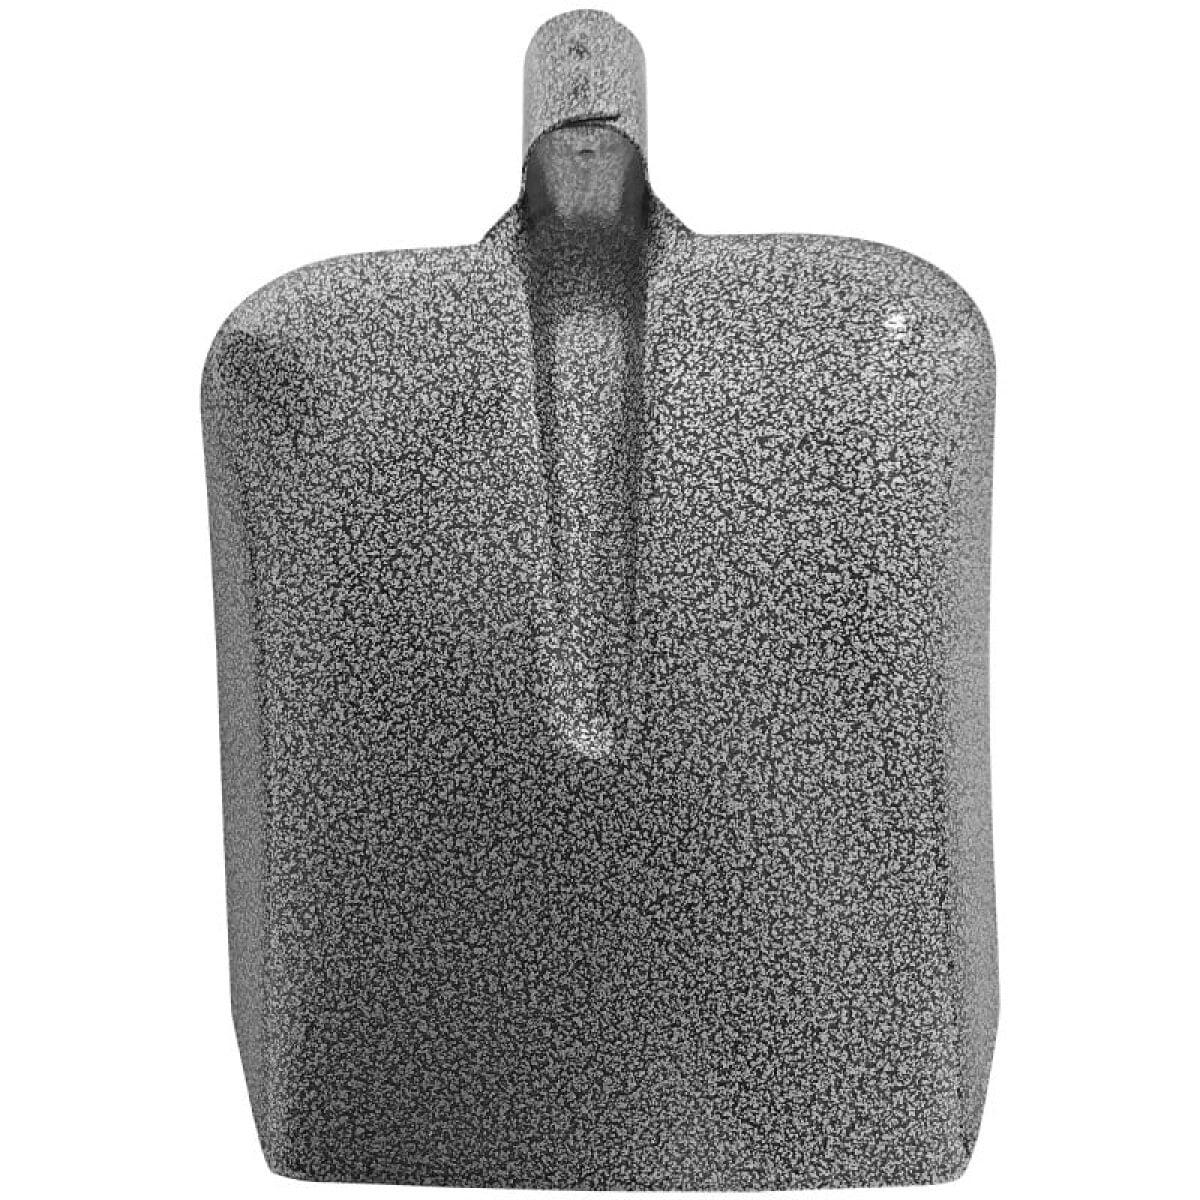 lopata patrata s551 270x233 mm tip c padure gardina.ro 82